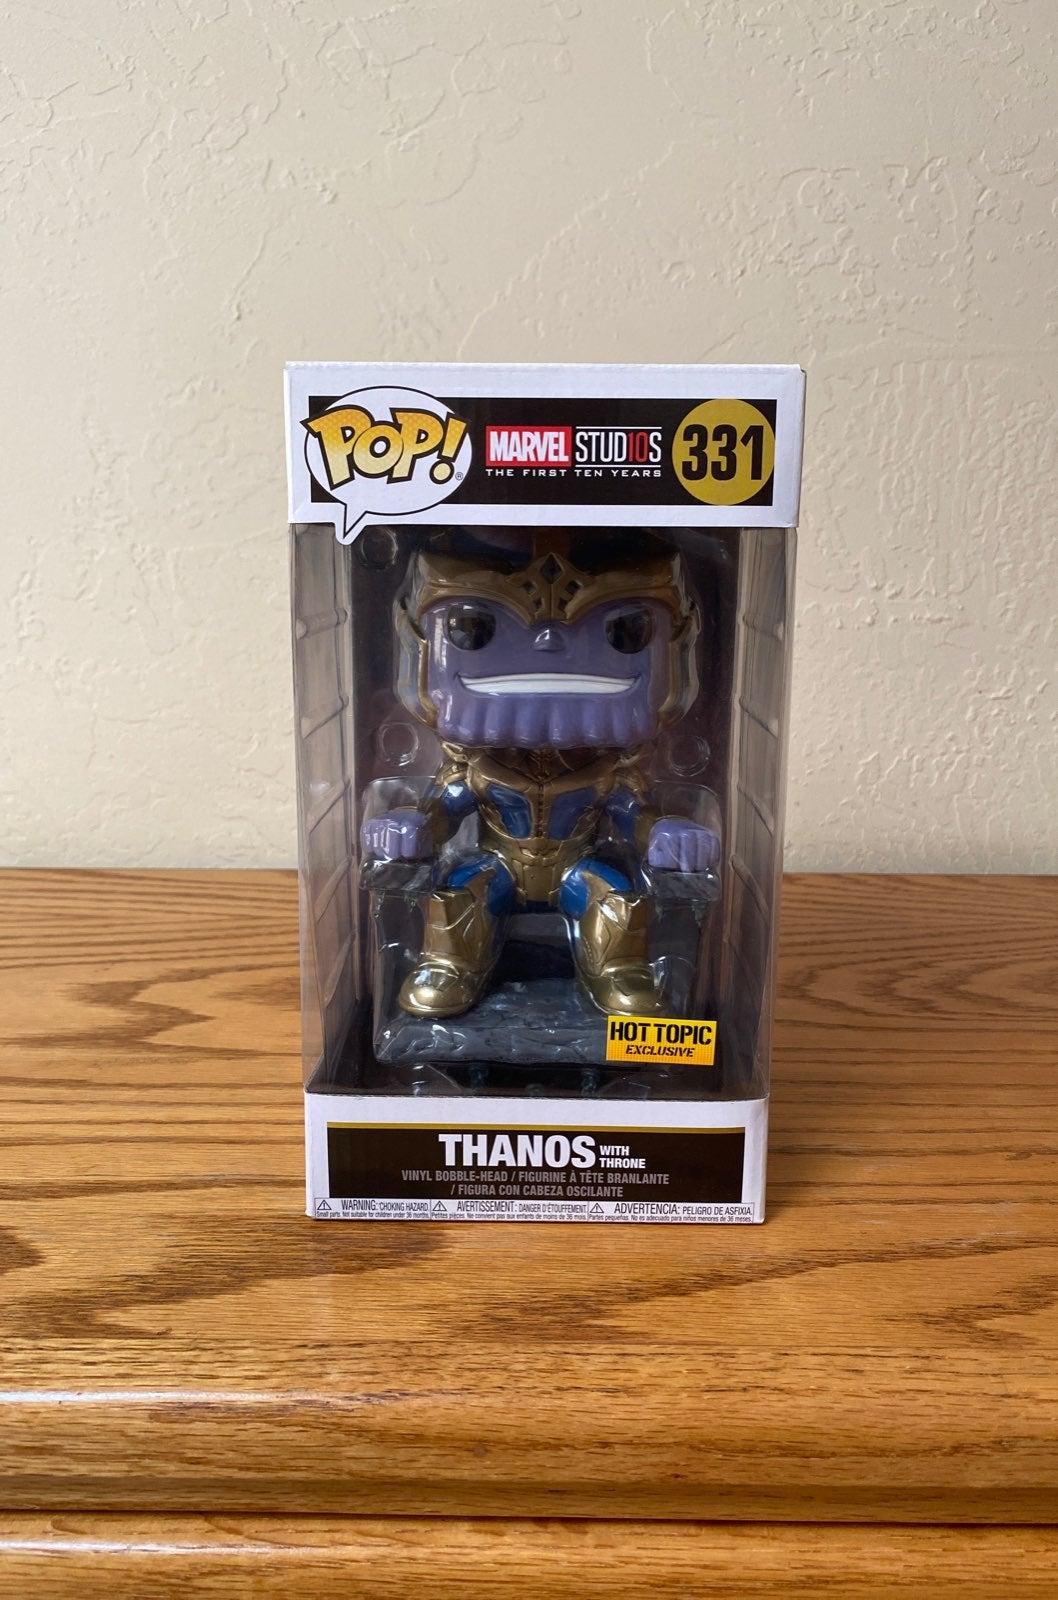 Thanos with Throne Funko